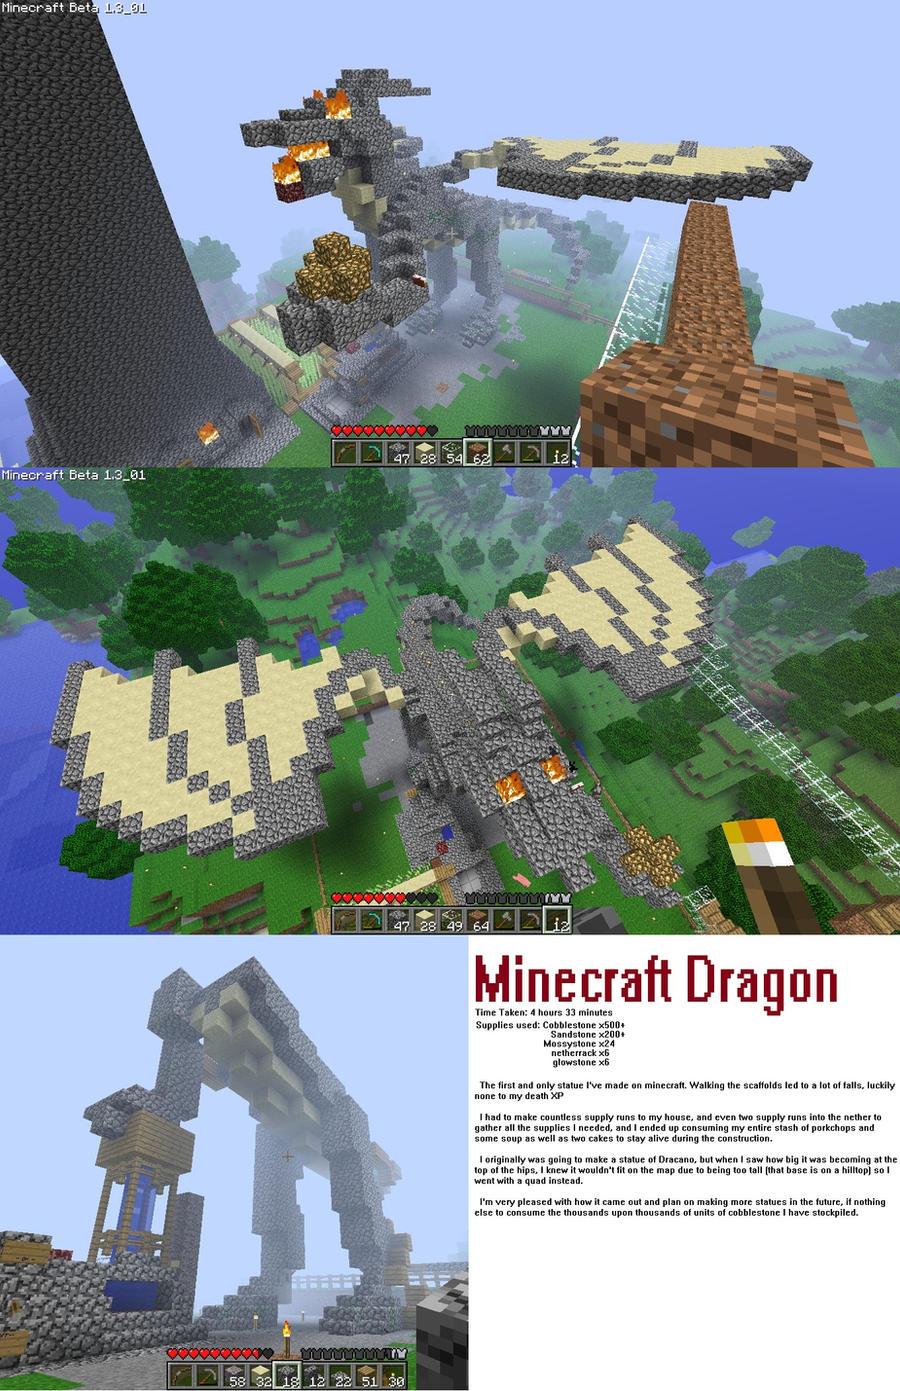 Minecraft Dragon by warp2002 on DeviantArt